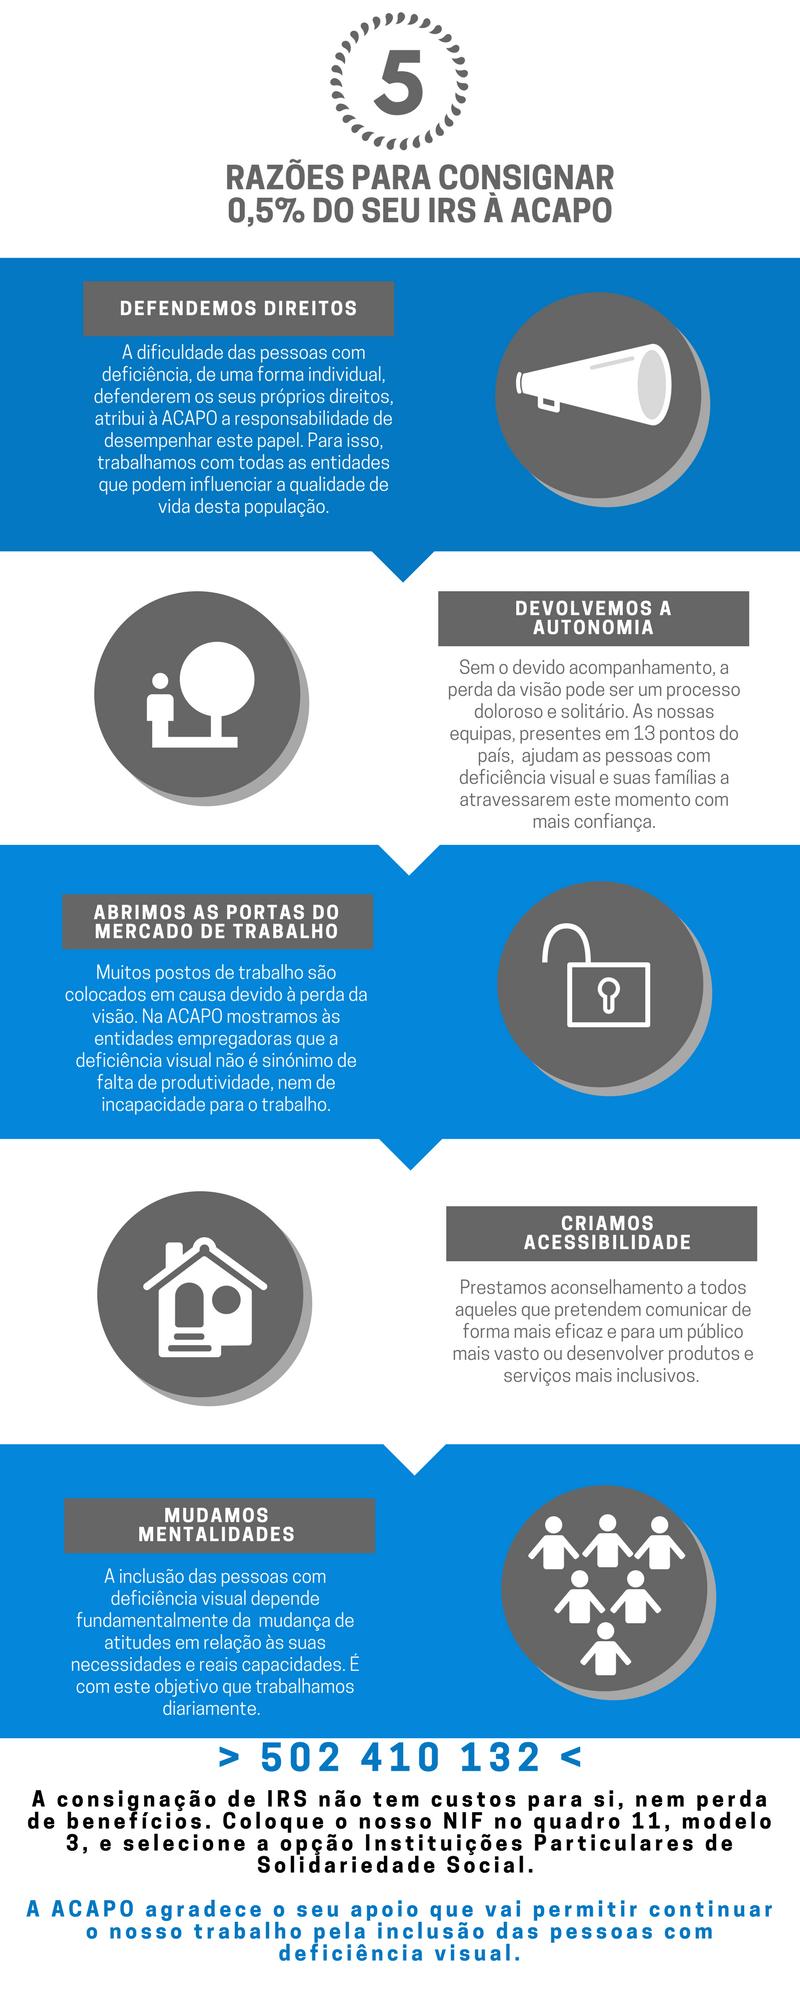 5 razões para consignar 0,5% do seu IRS à ACAPO